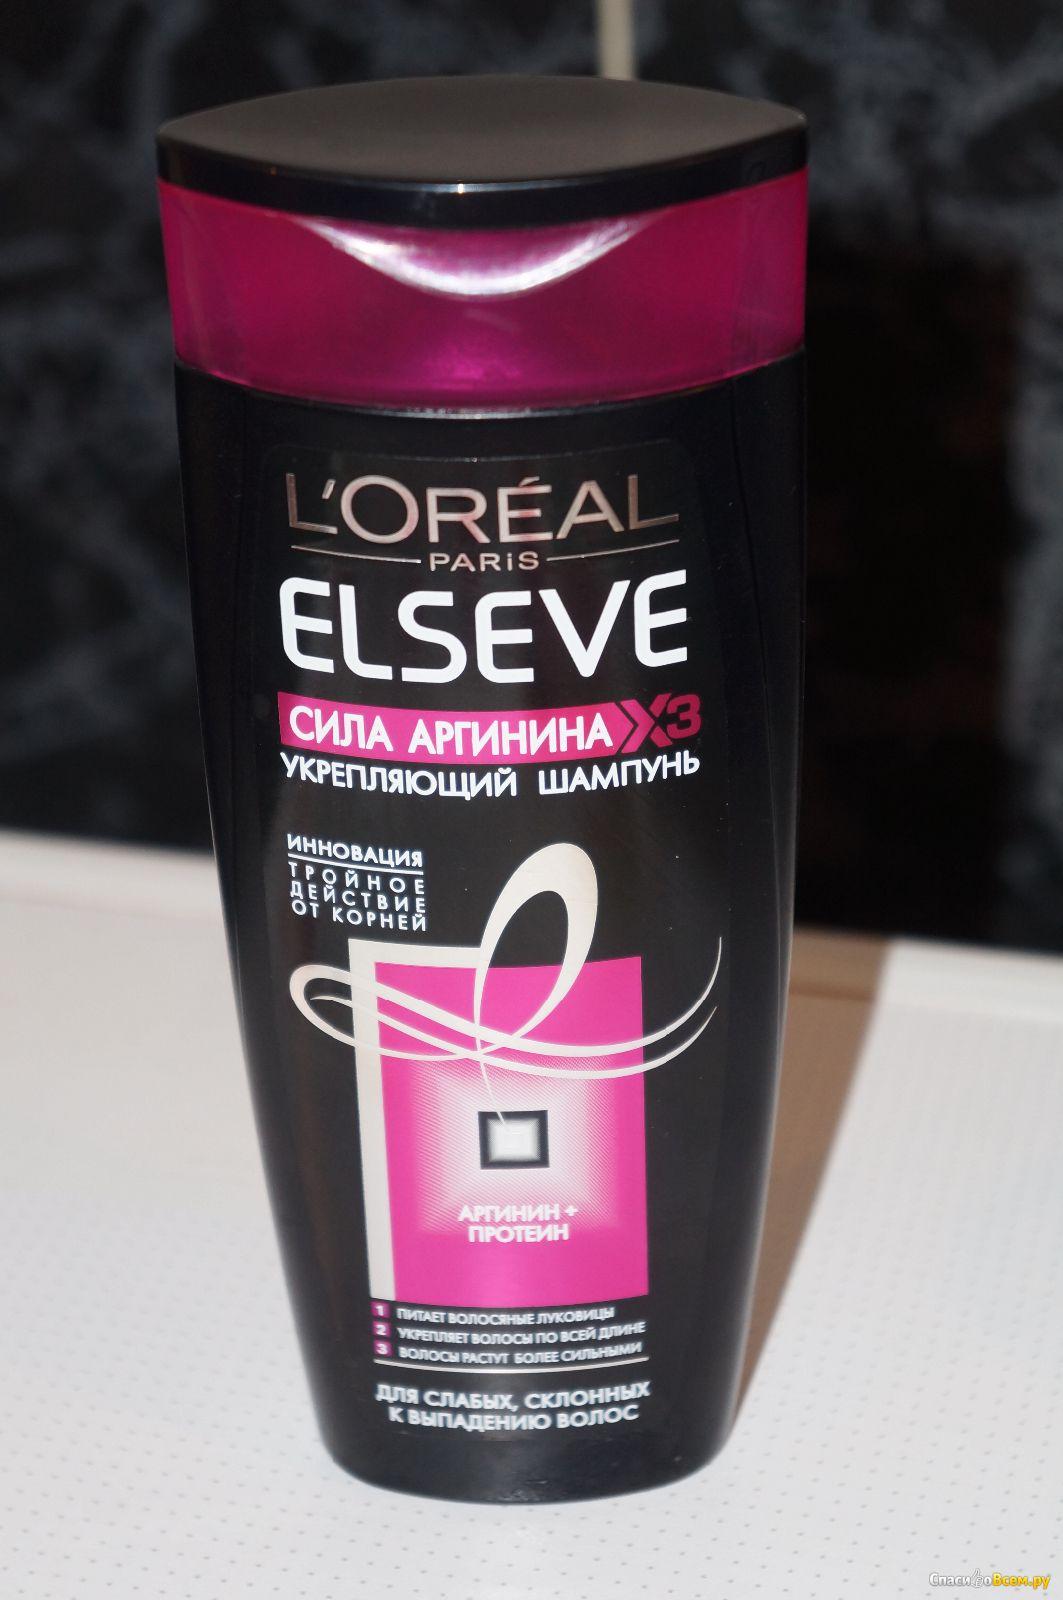 Шампунь эльсев для склонных к выпадению волос отзывы